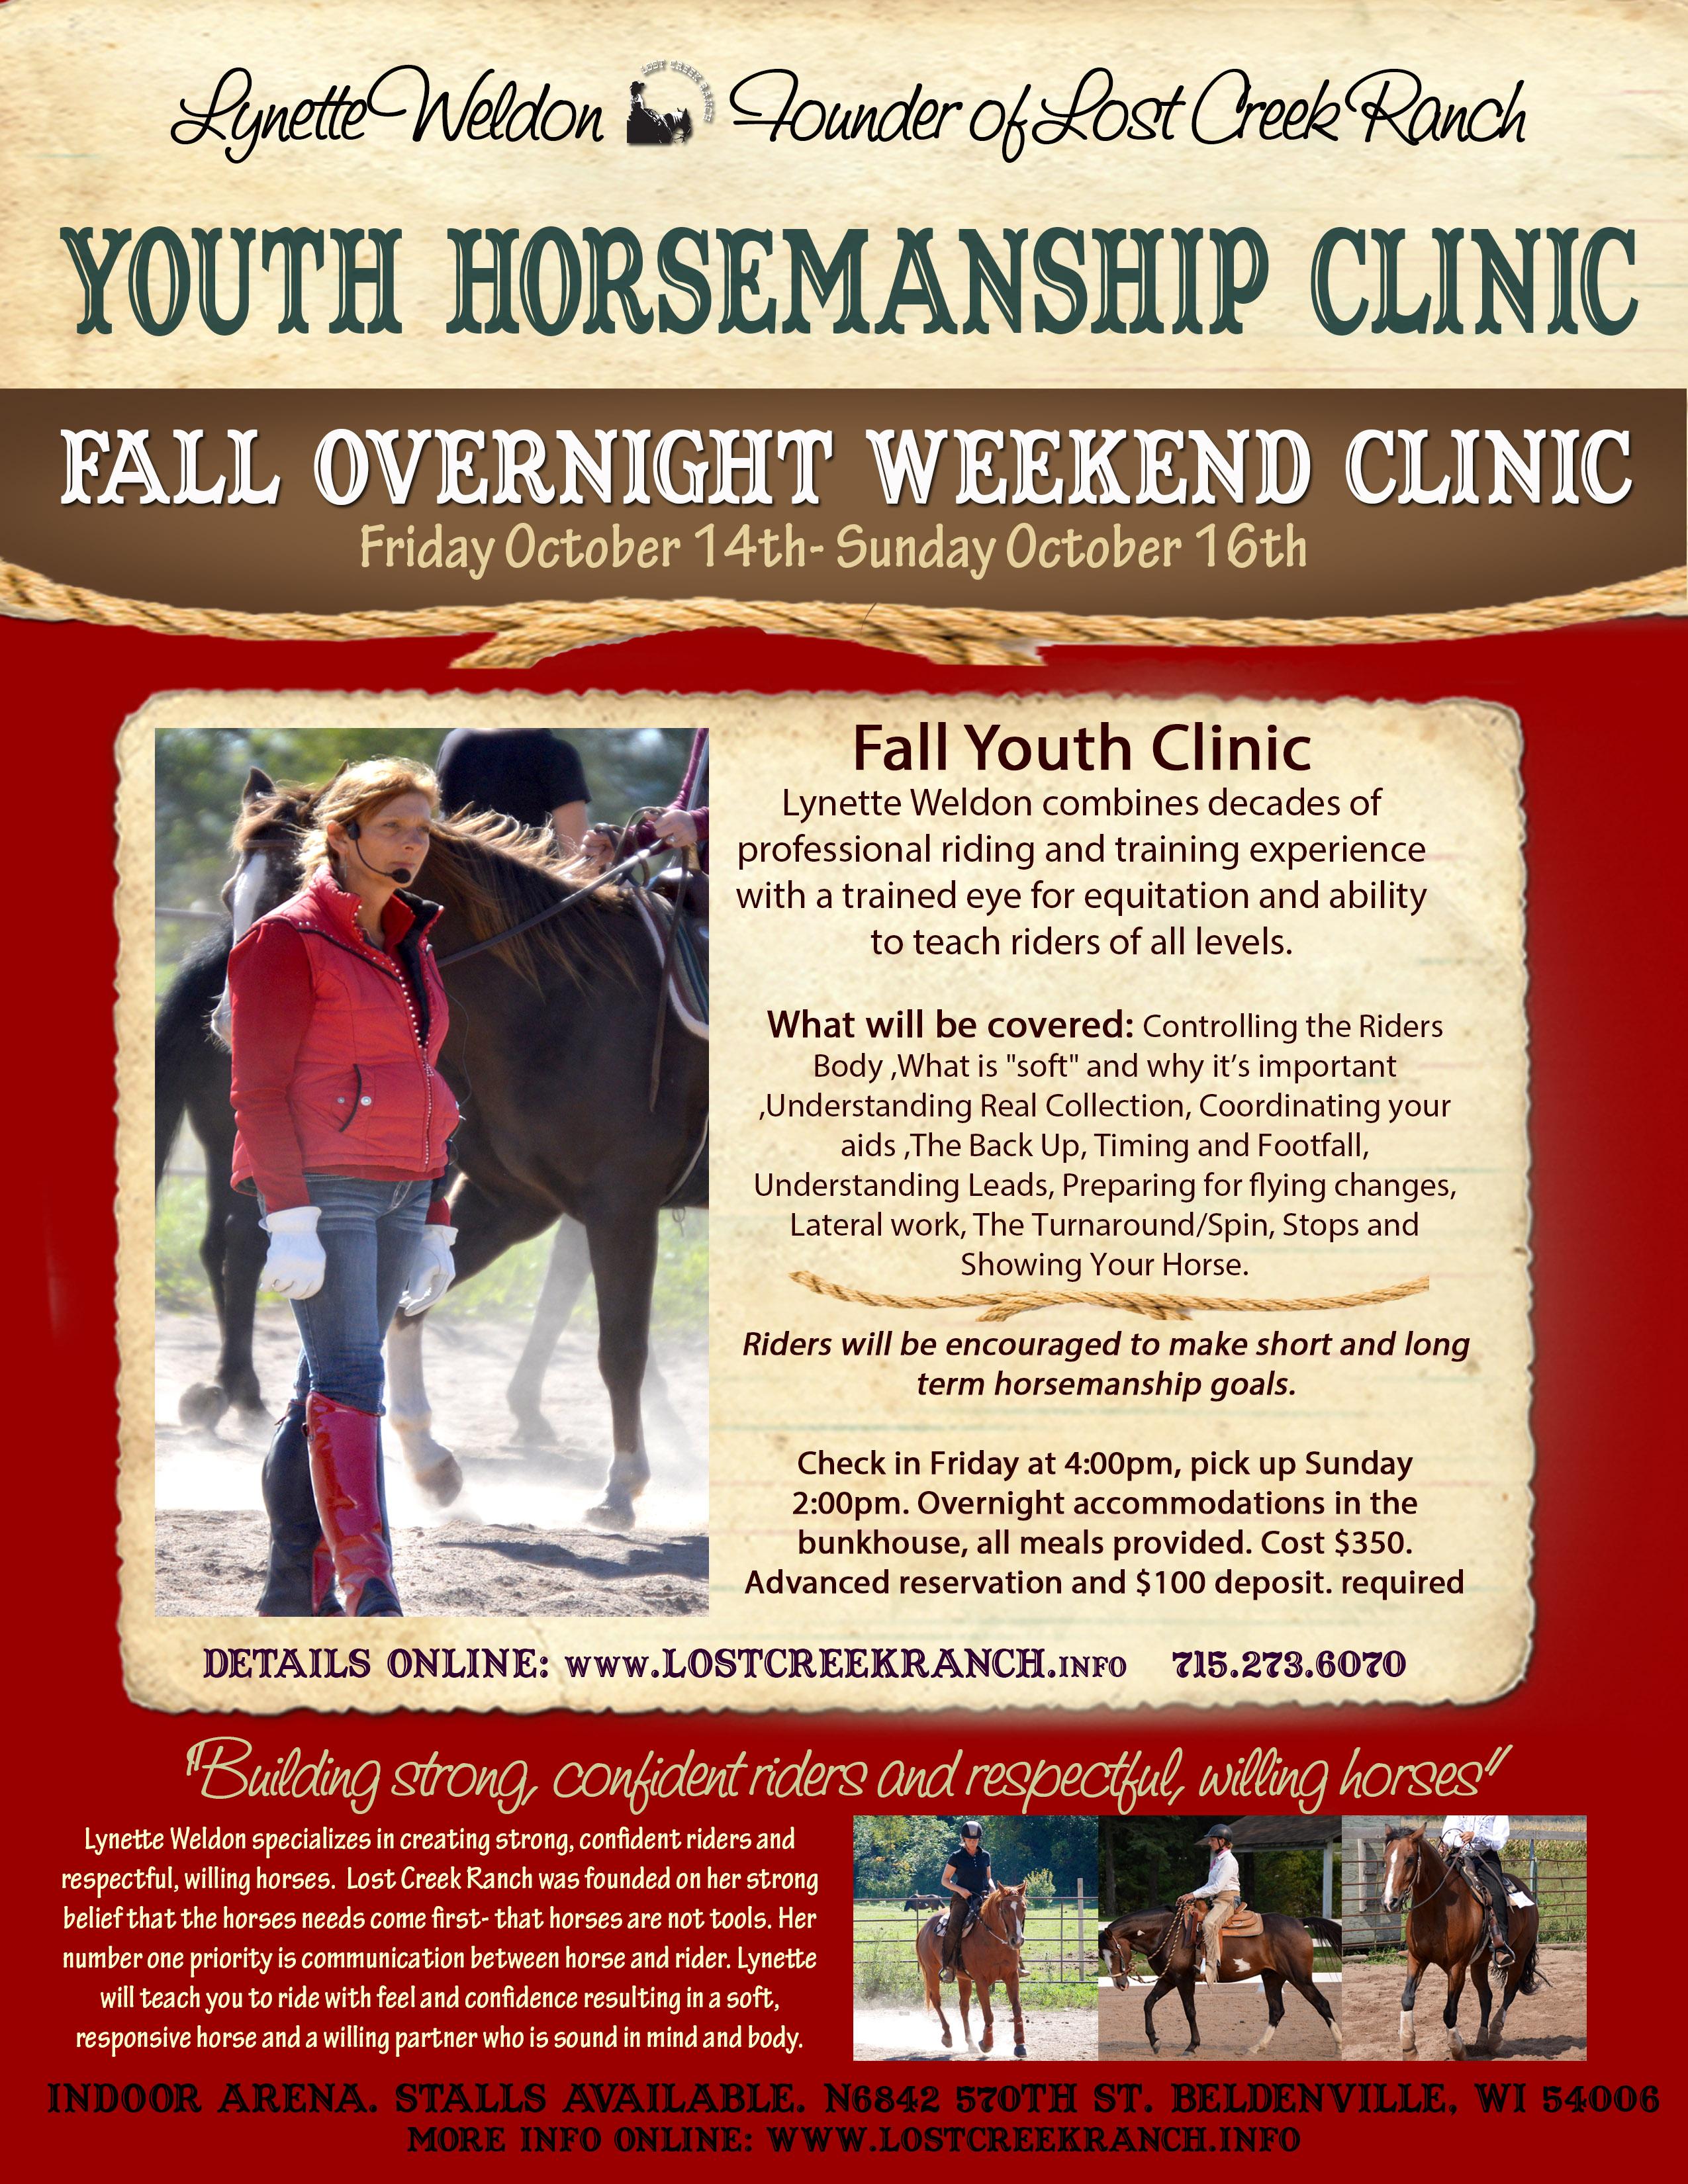 youth horsemanship clinic lost creek ranch wi lynette weldon